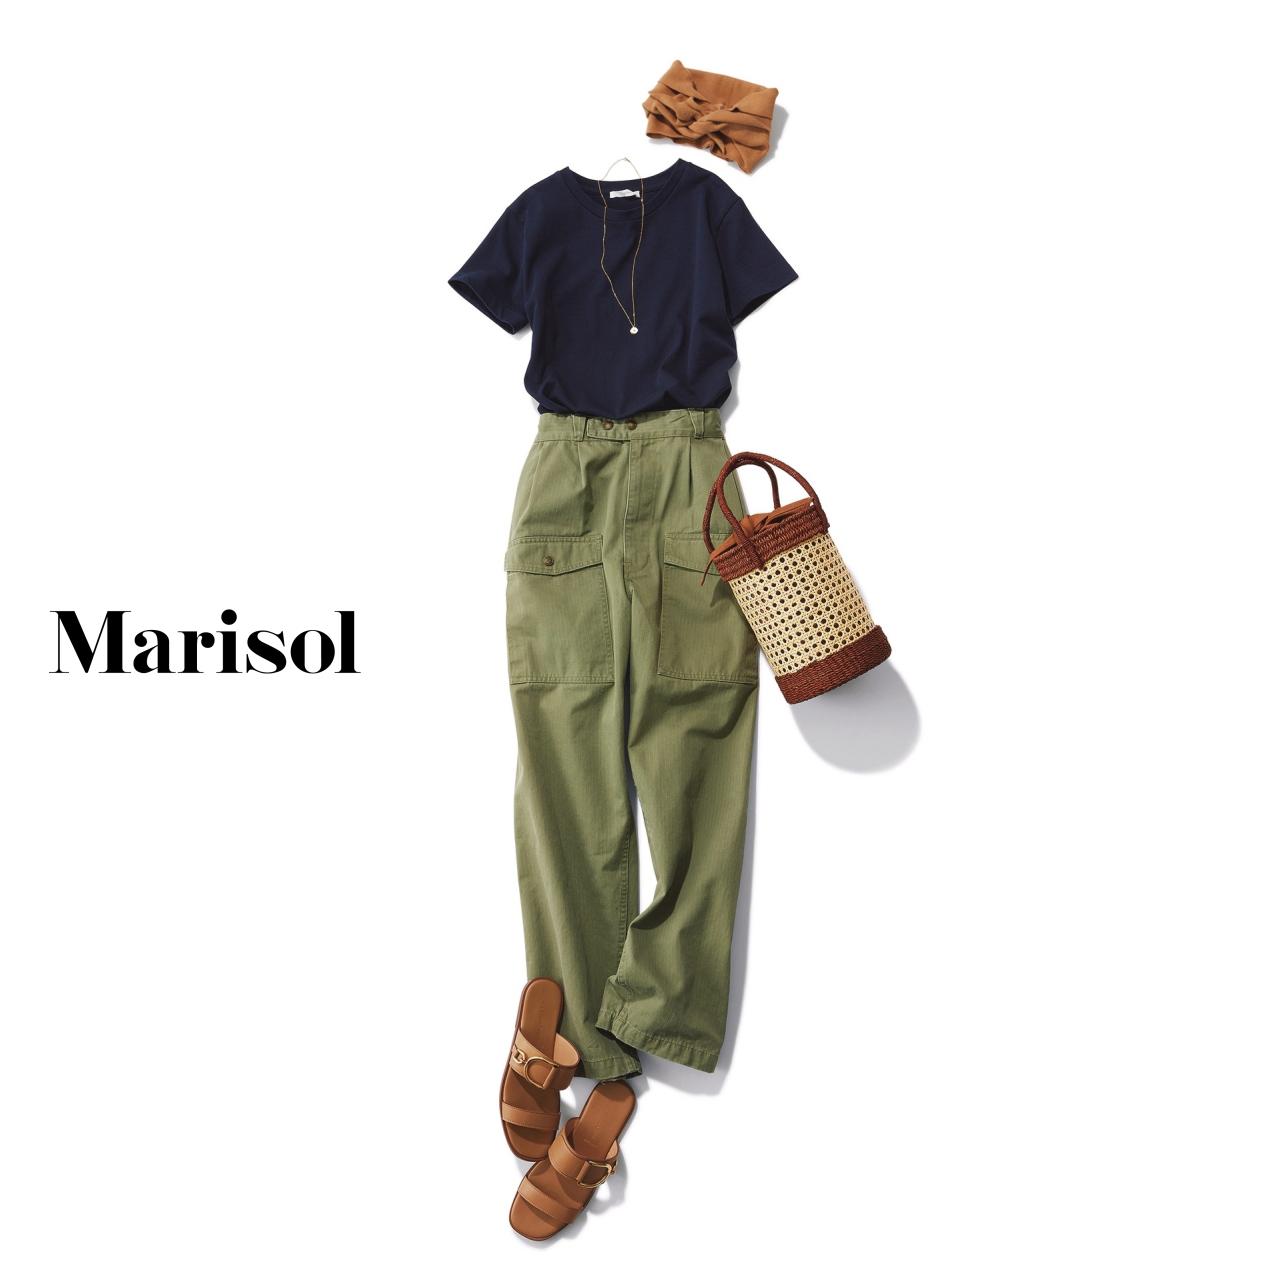 40代ファッション ネイビーTシャツ×カーキカーゴパンツコーデ